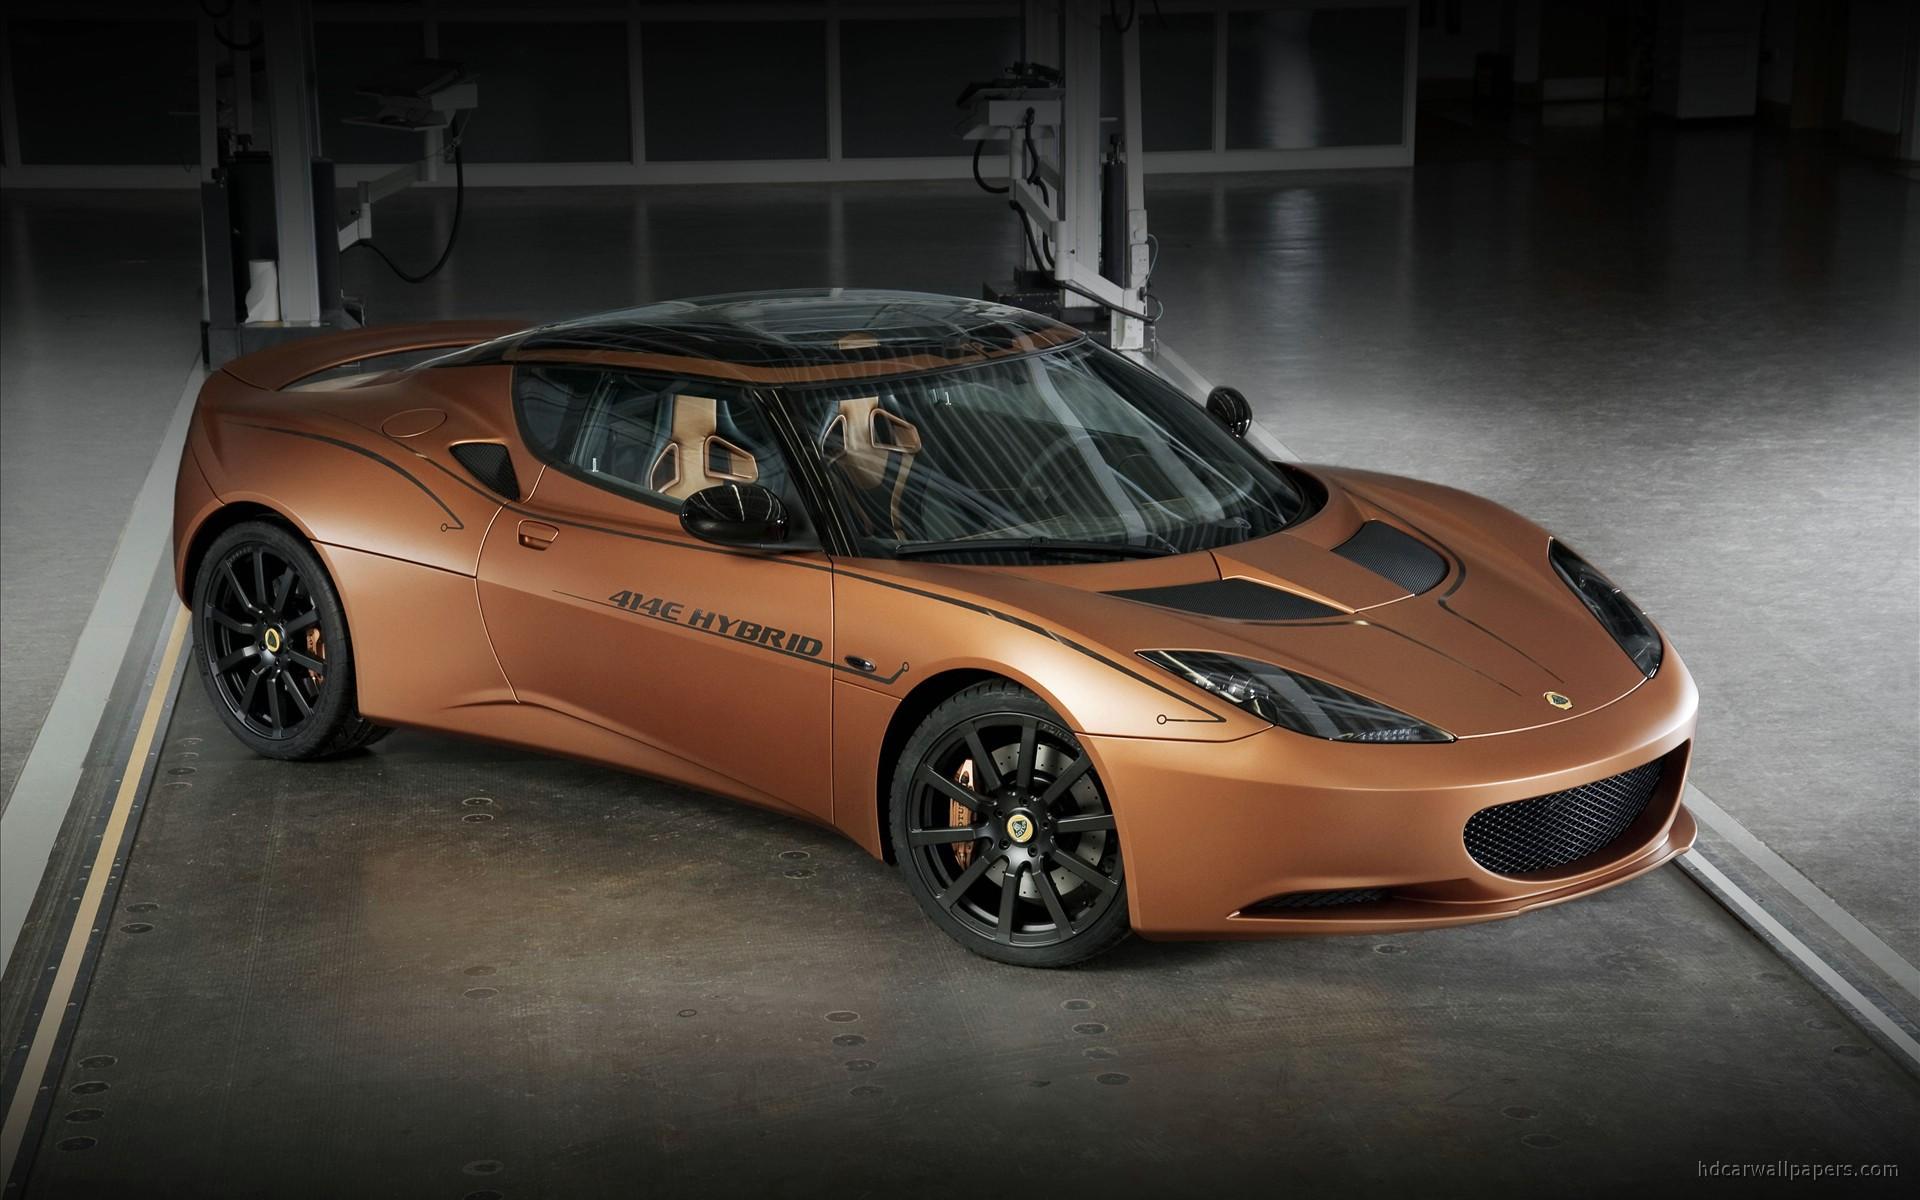 2010 lotus evora 414e hybrid wide